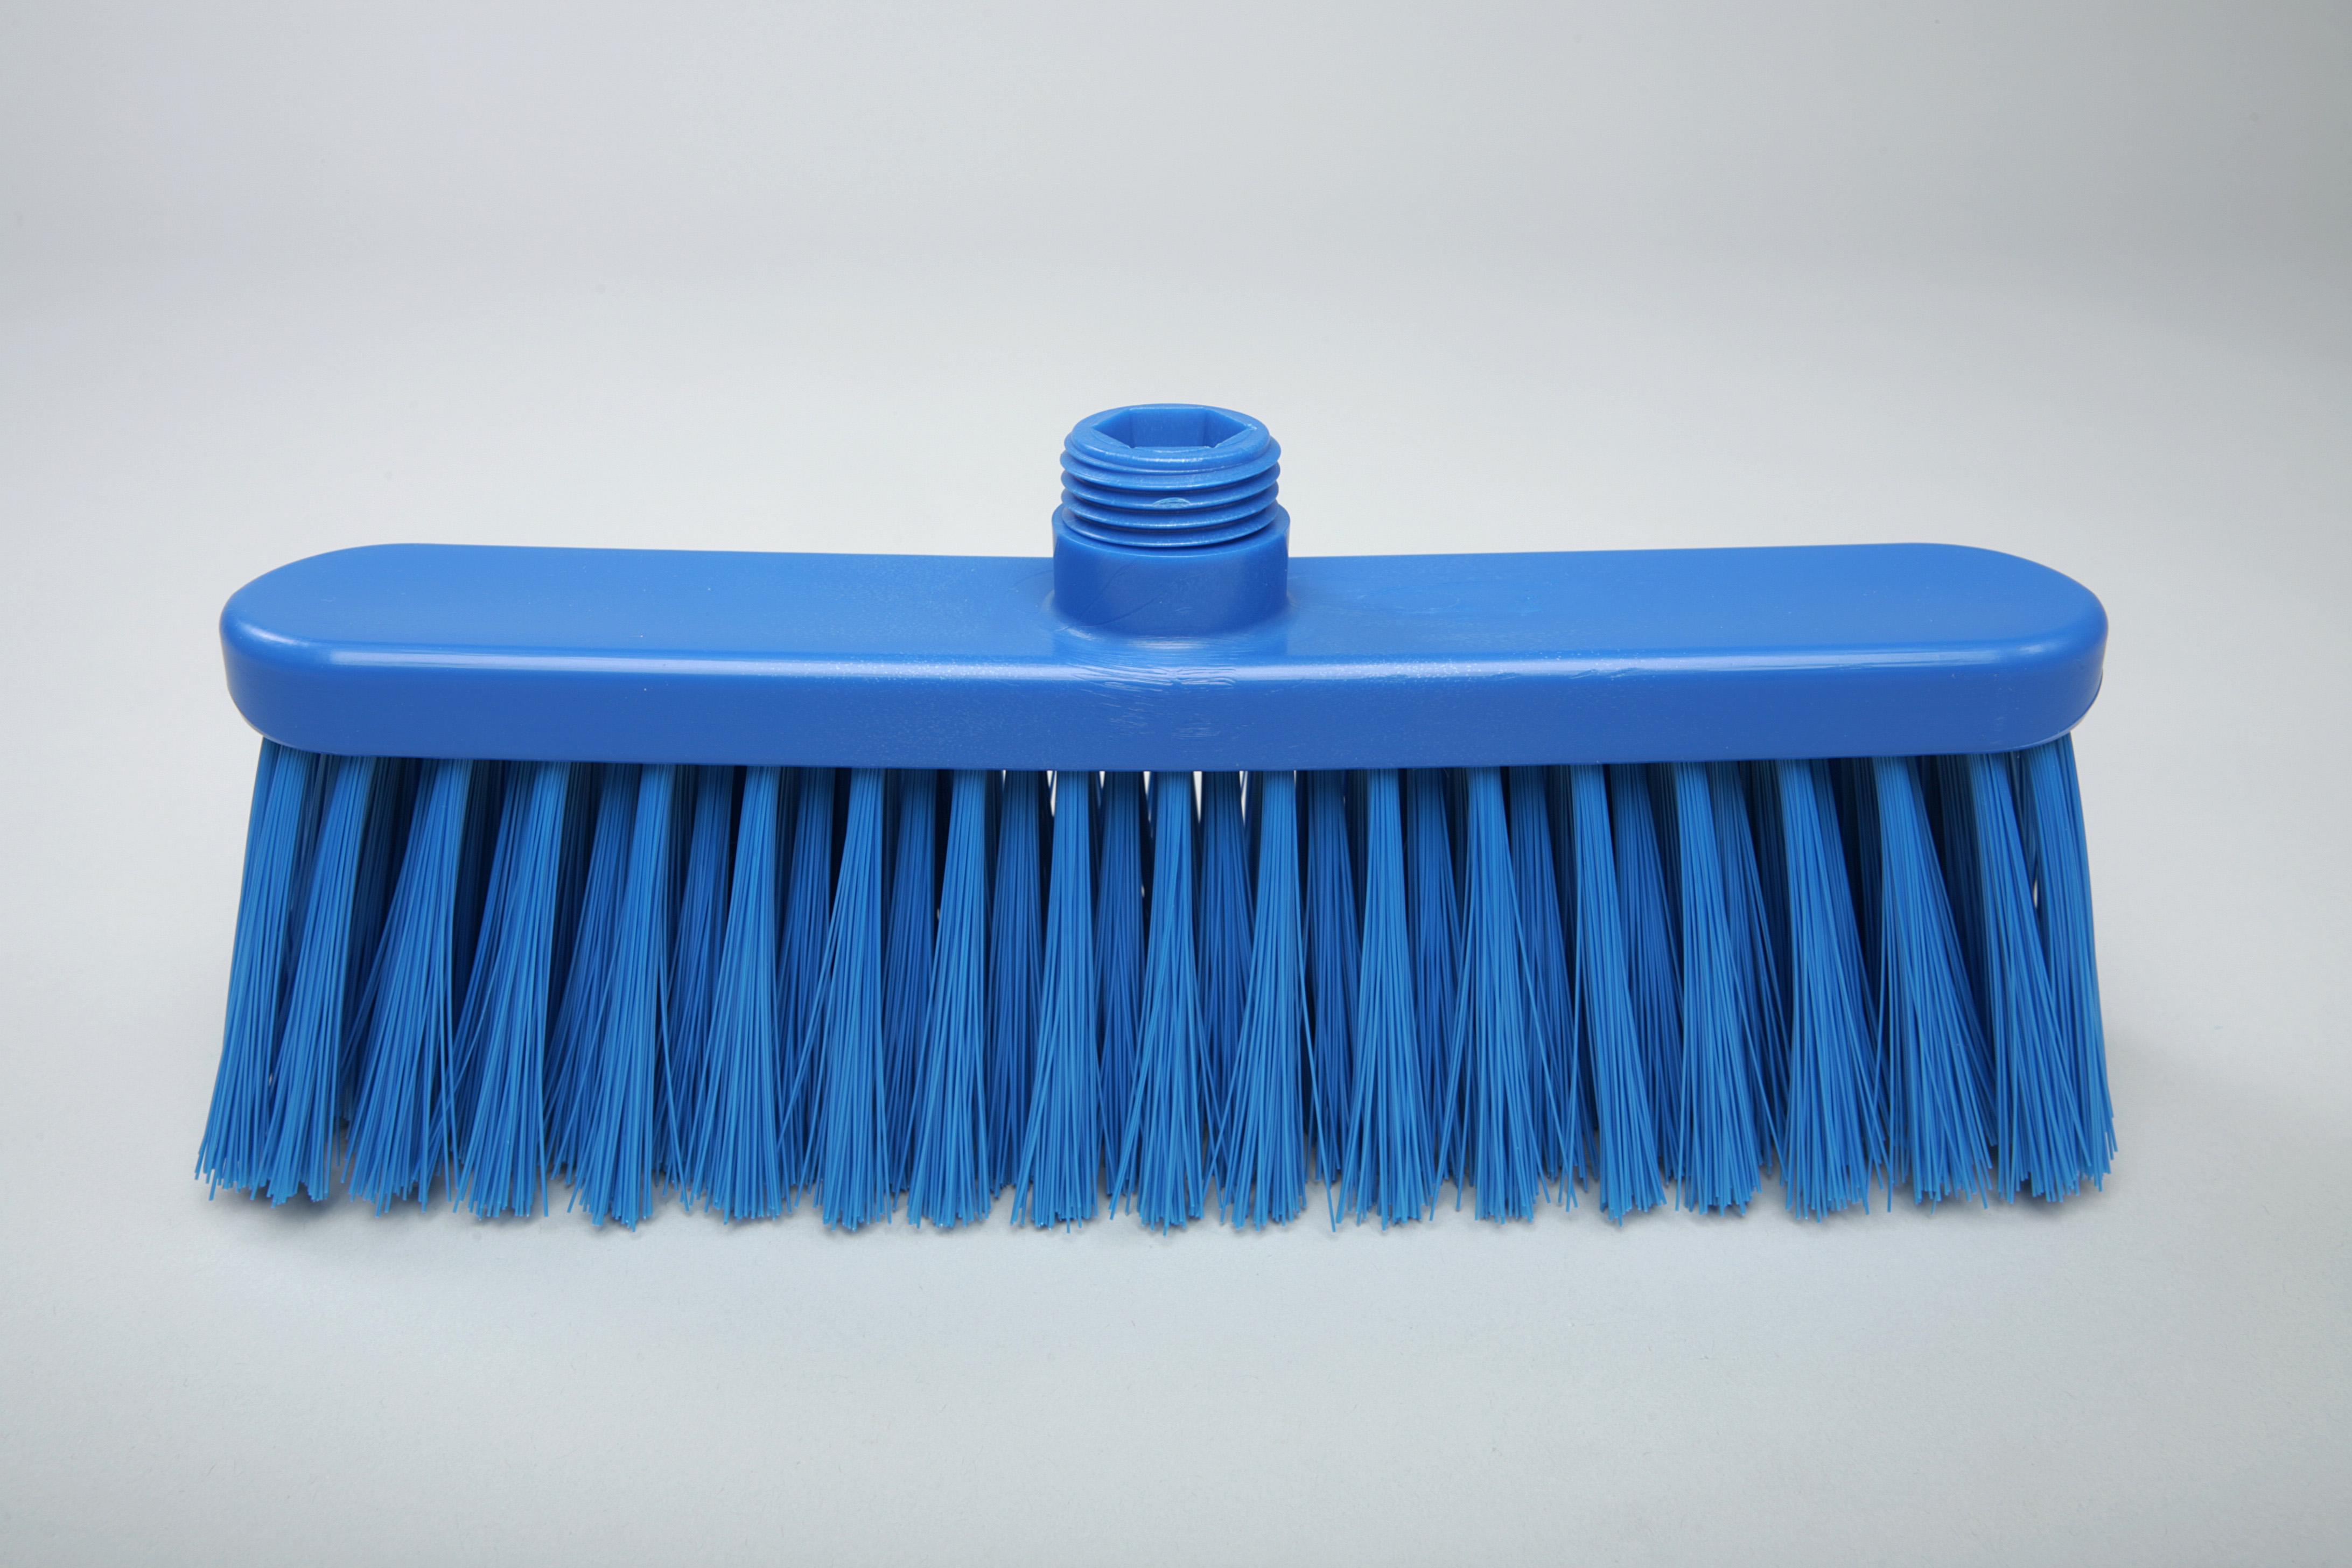 Unimop pühkimishari 280 x 48 x 70 mm, keskmine, sinine, kastis 6 tk